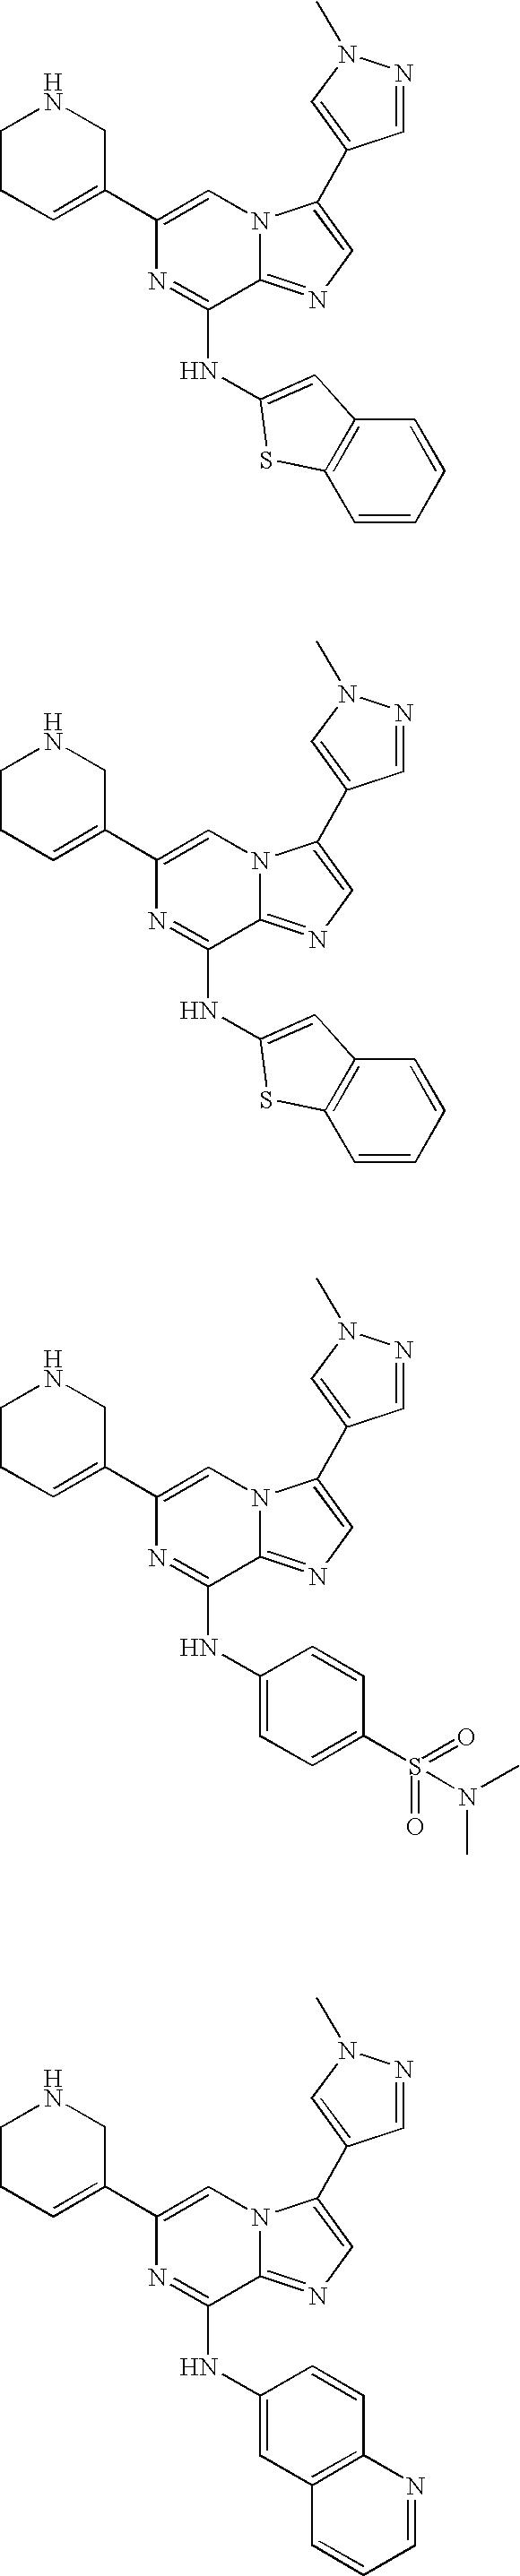 Figure US20070117804A1-20070524-C00075